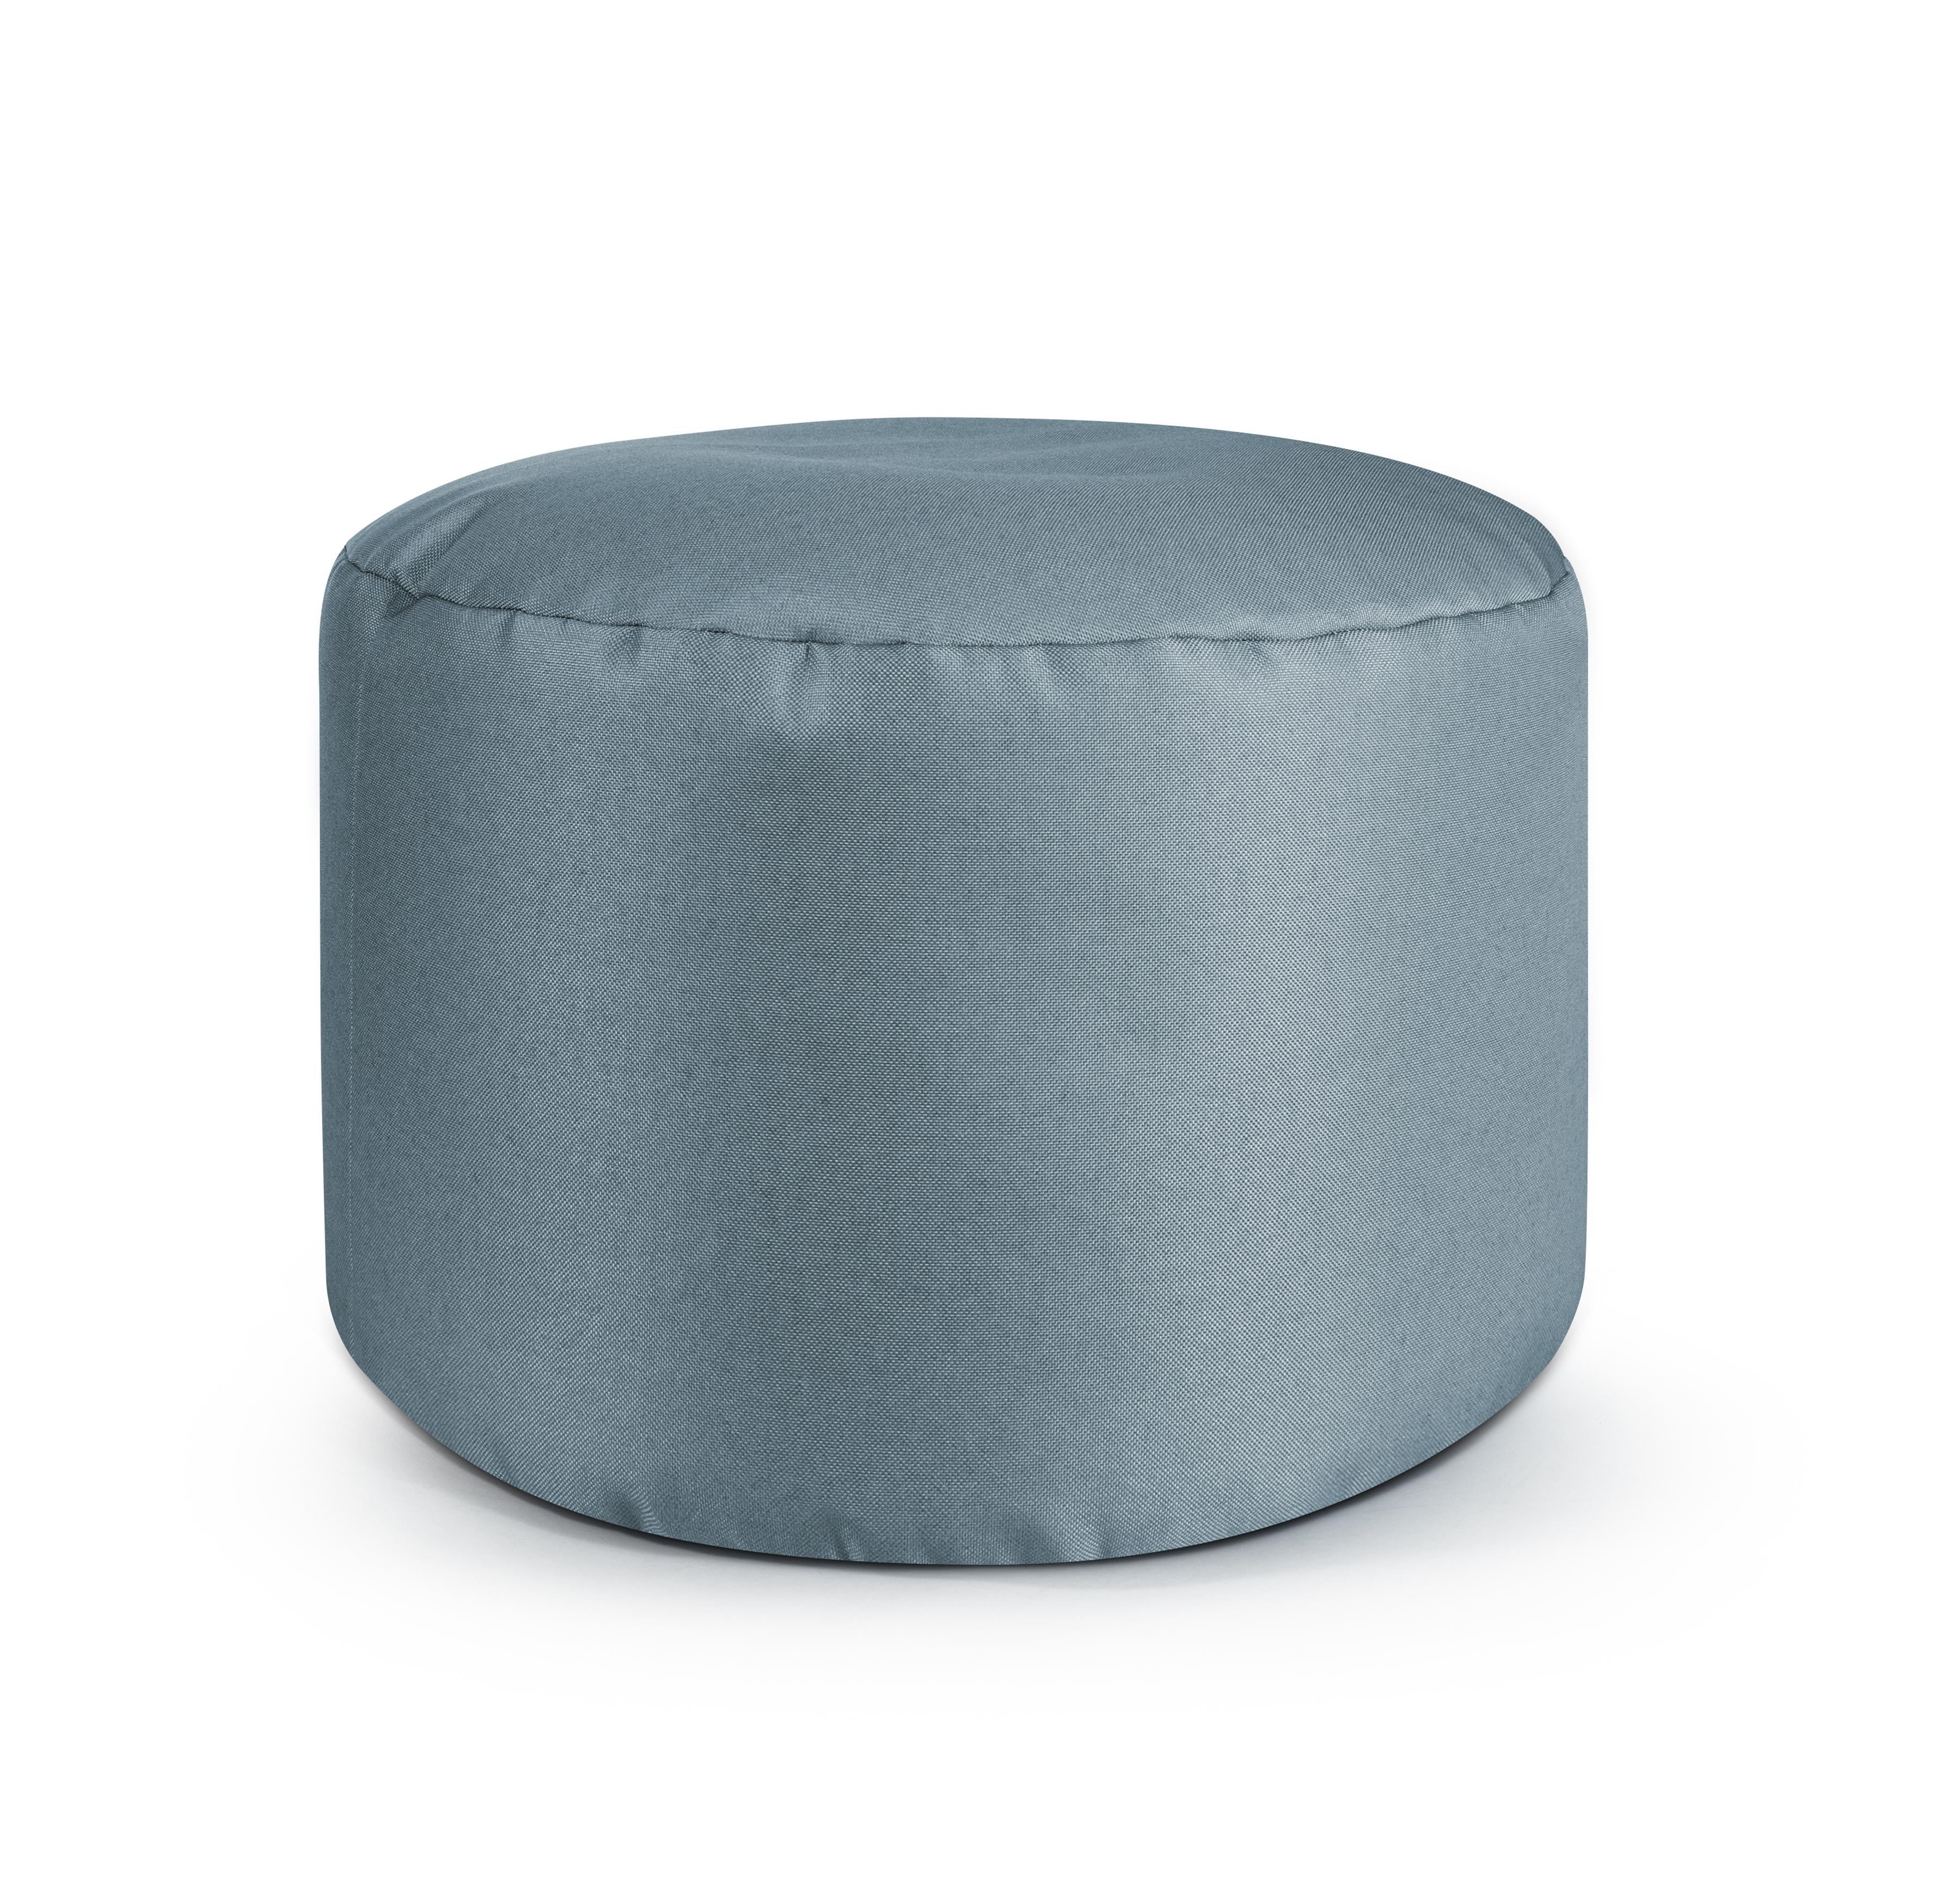 Repose pieds d'intérieur rond en toile design uni gris bleu 30x50